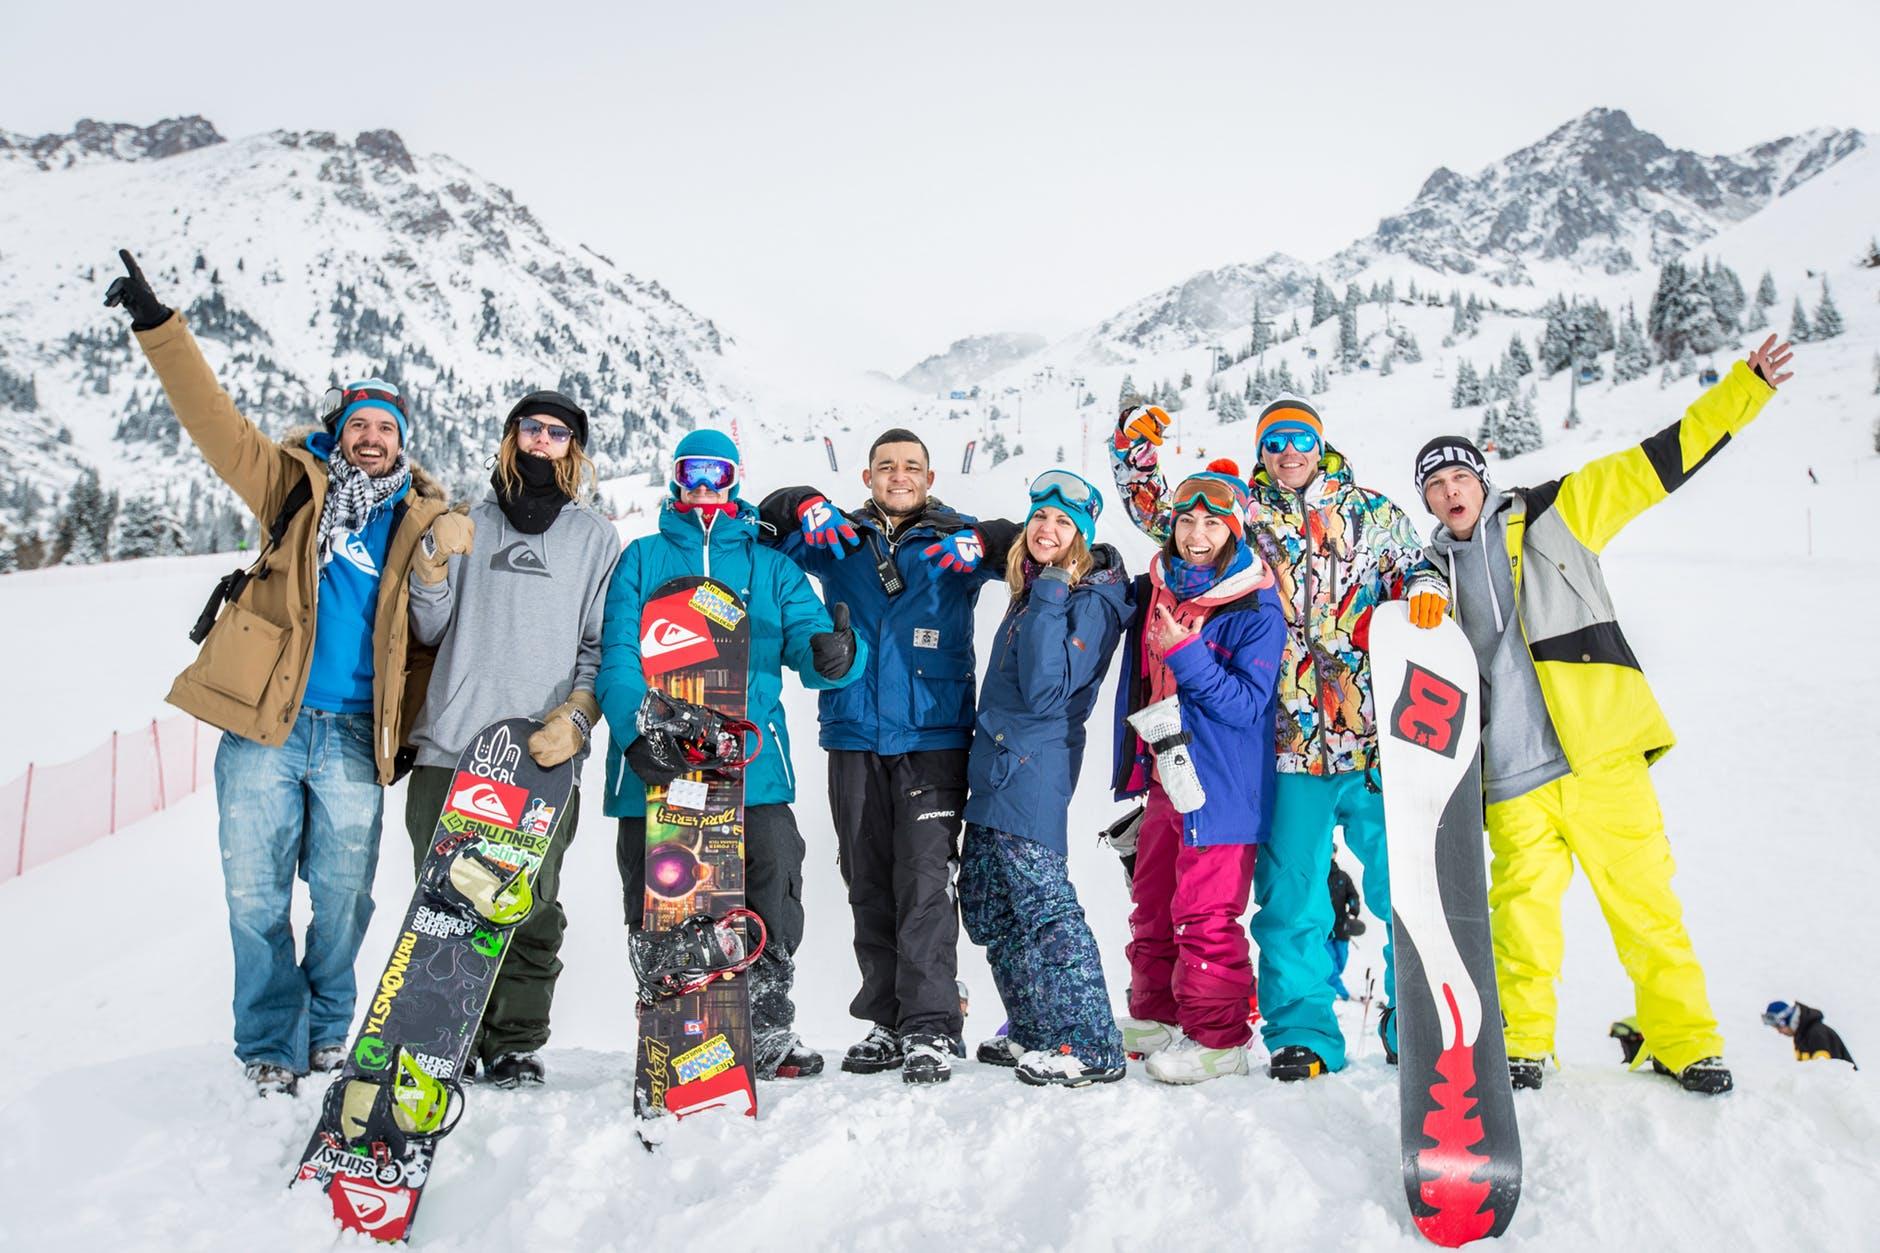 Pronti per sciare all'Immacolata? Offerte imperdibili